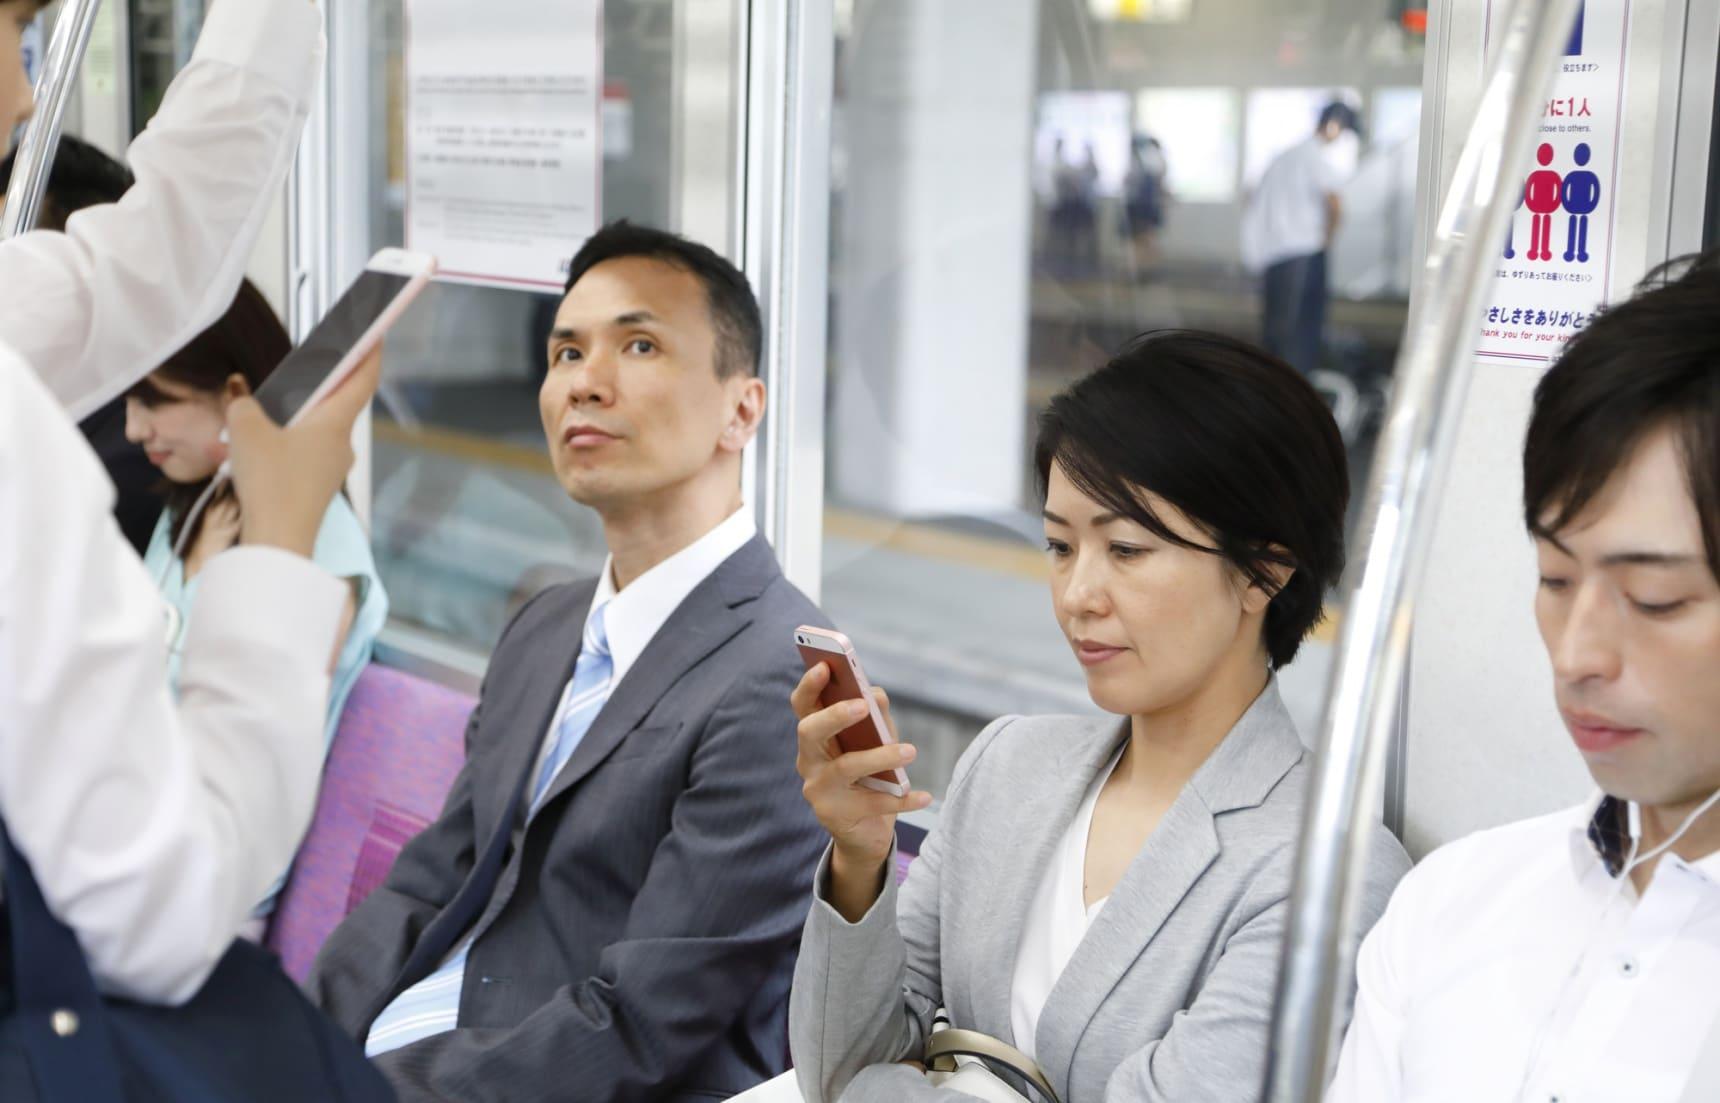 10 Faux Pas Japanese Train Commuters Hate